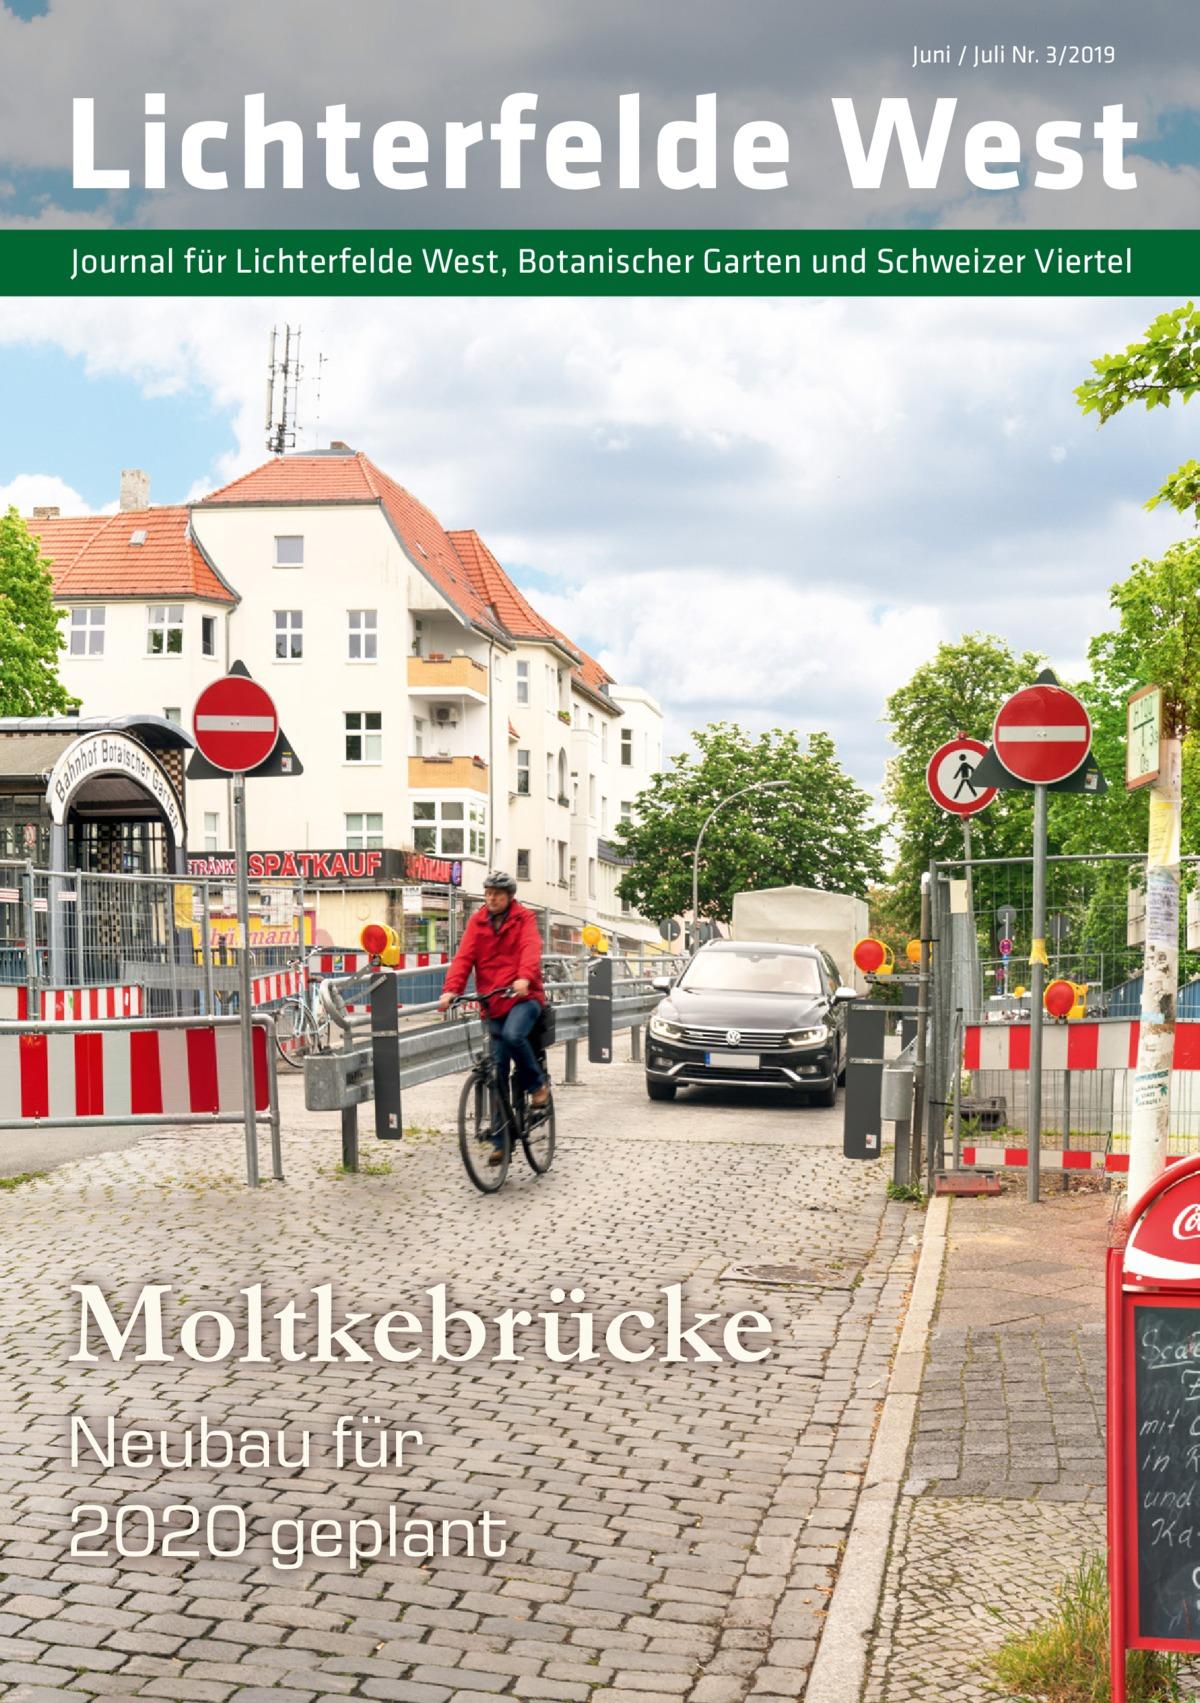 Juni / Juli Nr. 3/2019  Lichterfelde West Journal für Lichterfelde West, Botanischer Garten und Schweizer Viertel  Moltkebrücke Neubau für 2020 geplant